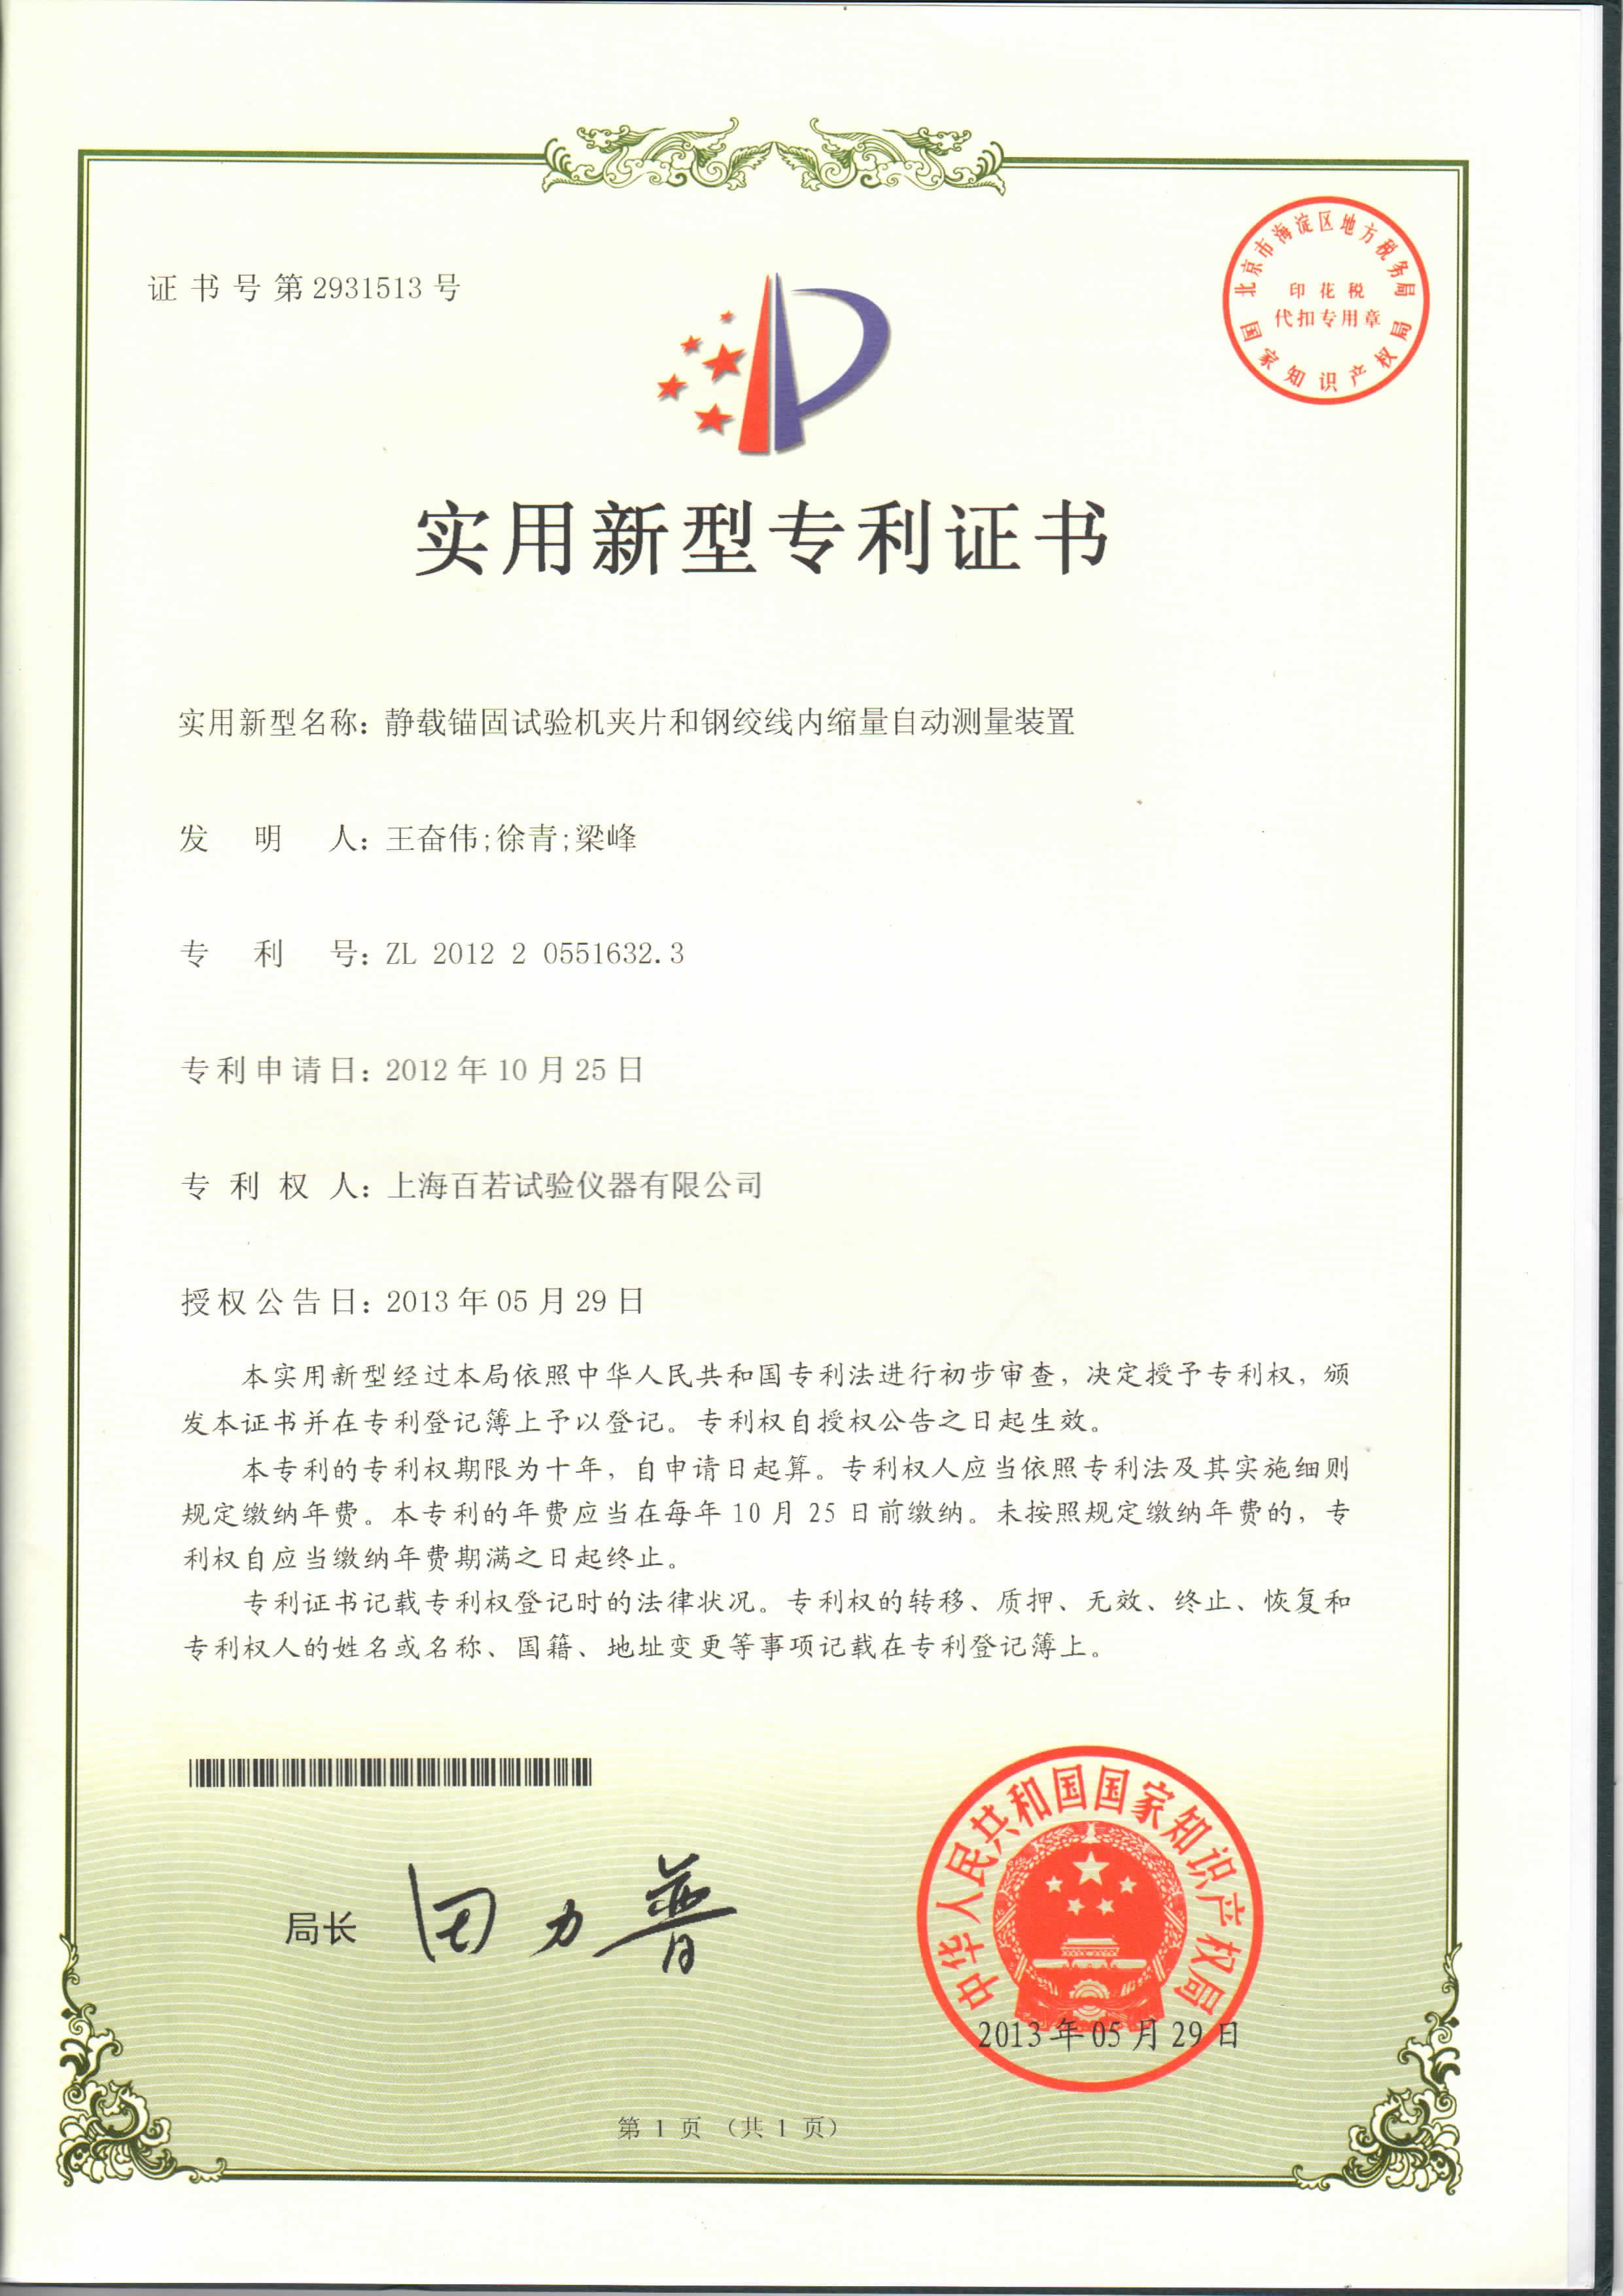 专利证书-静载锚固试验机夹片和钢绞线内缩量自动测量装置